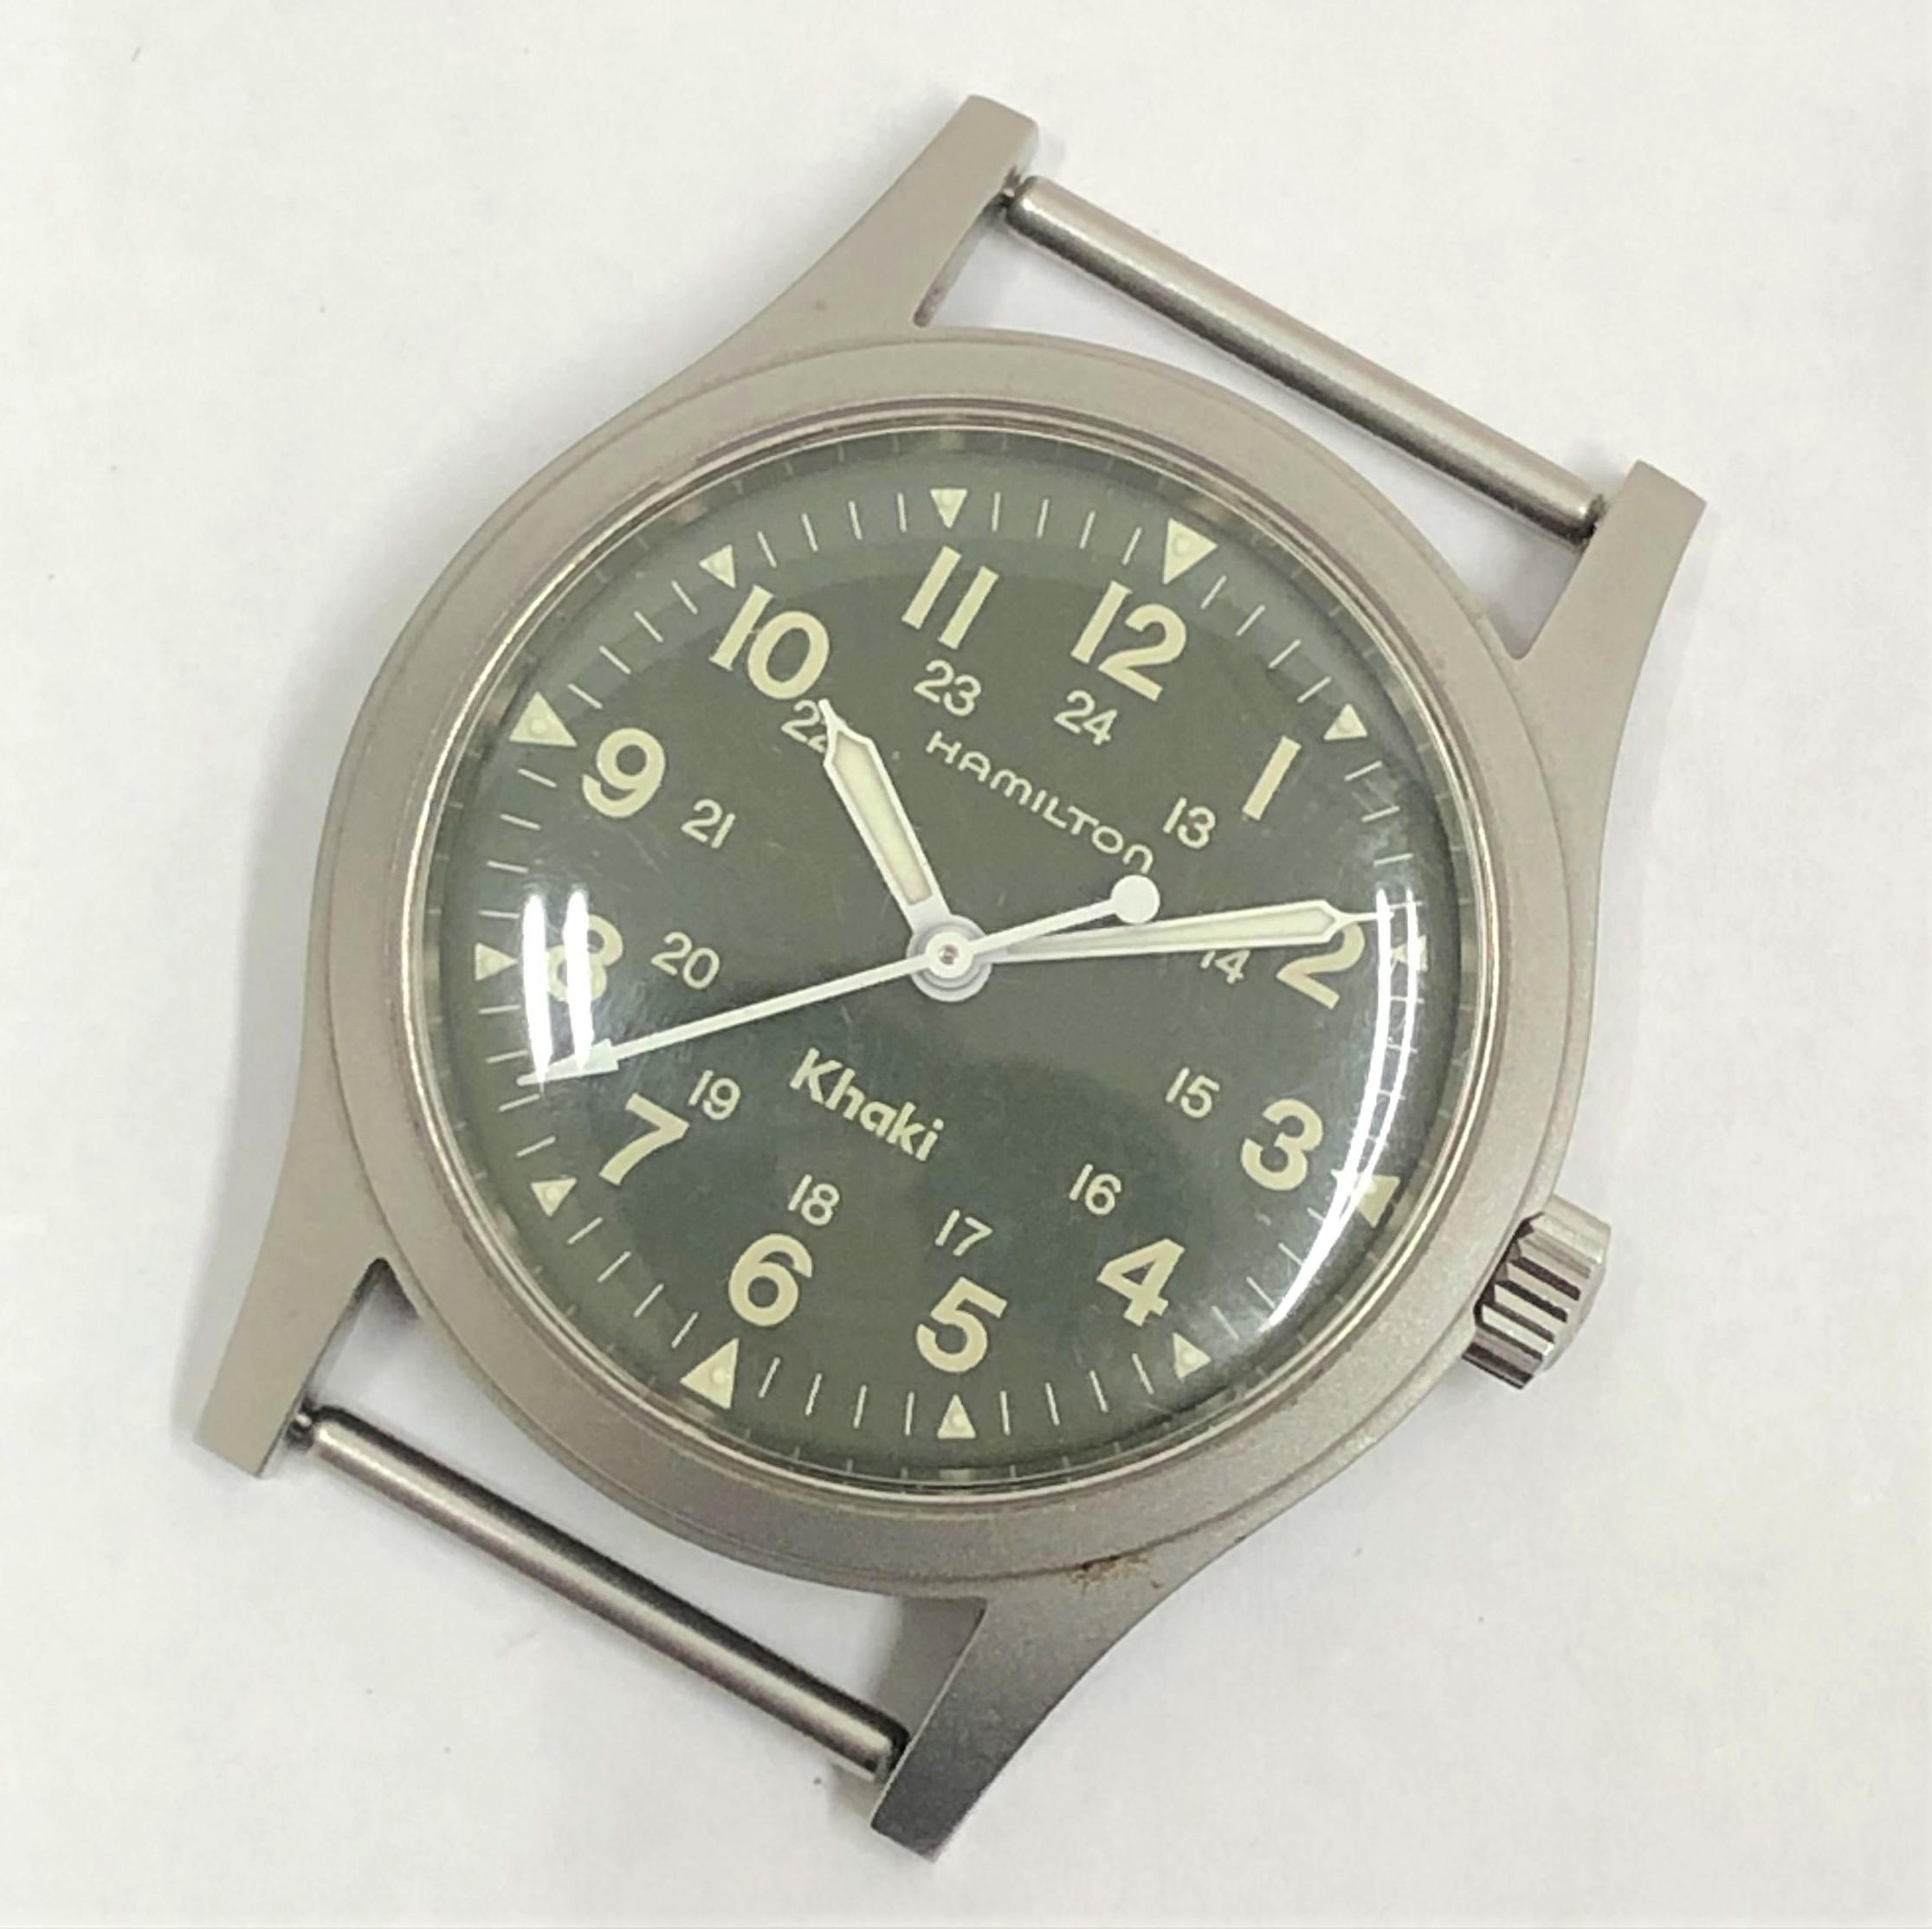 【HAMILTON/ハミルトン】カーキ 9415A 手巻き 腕時計  フェイスのみ